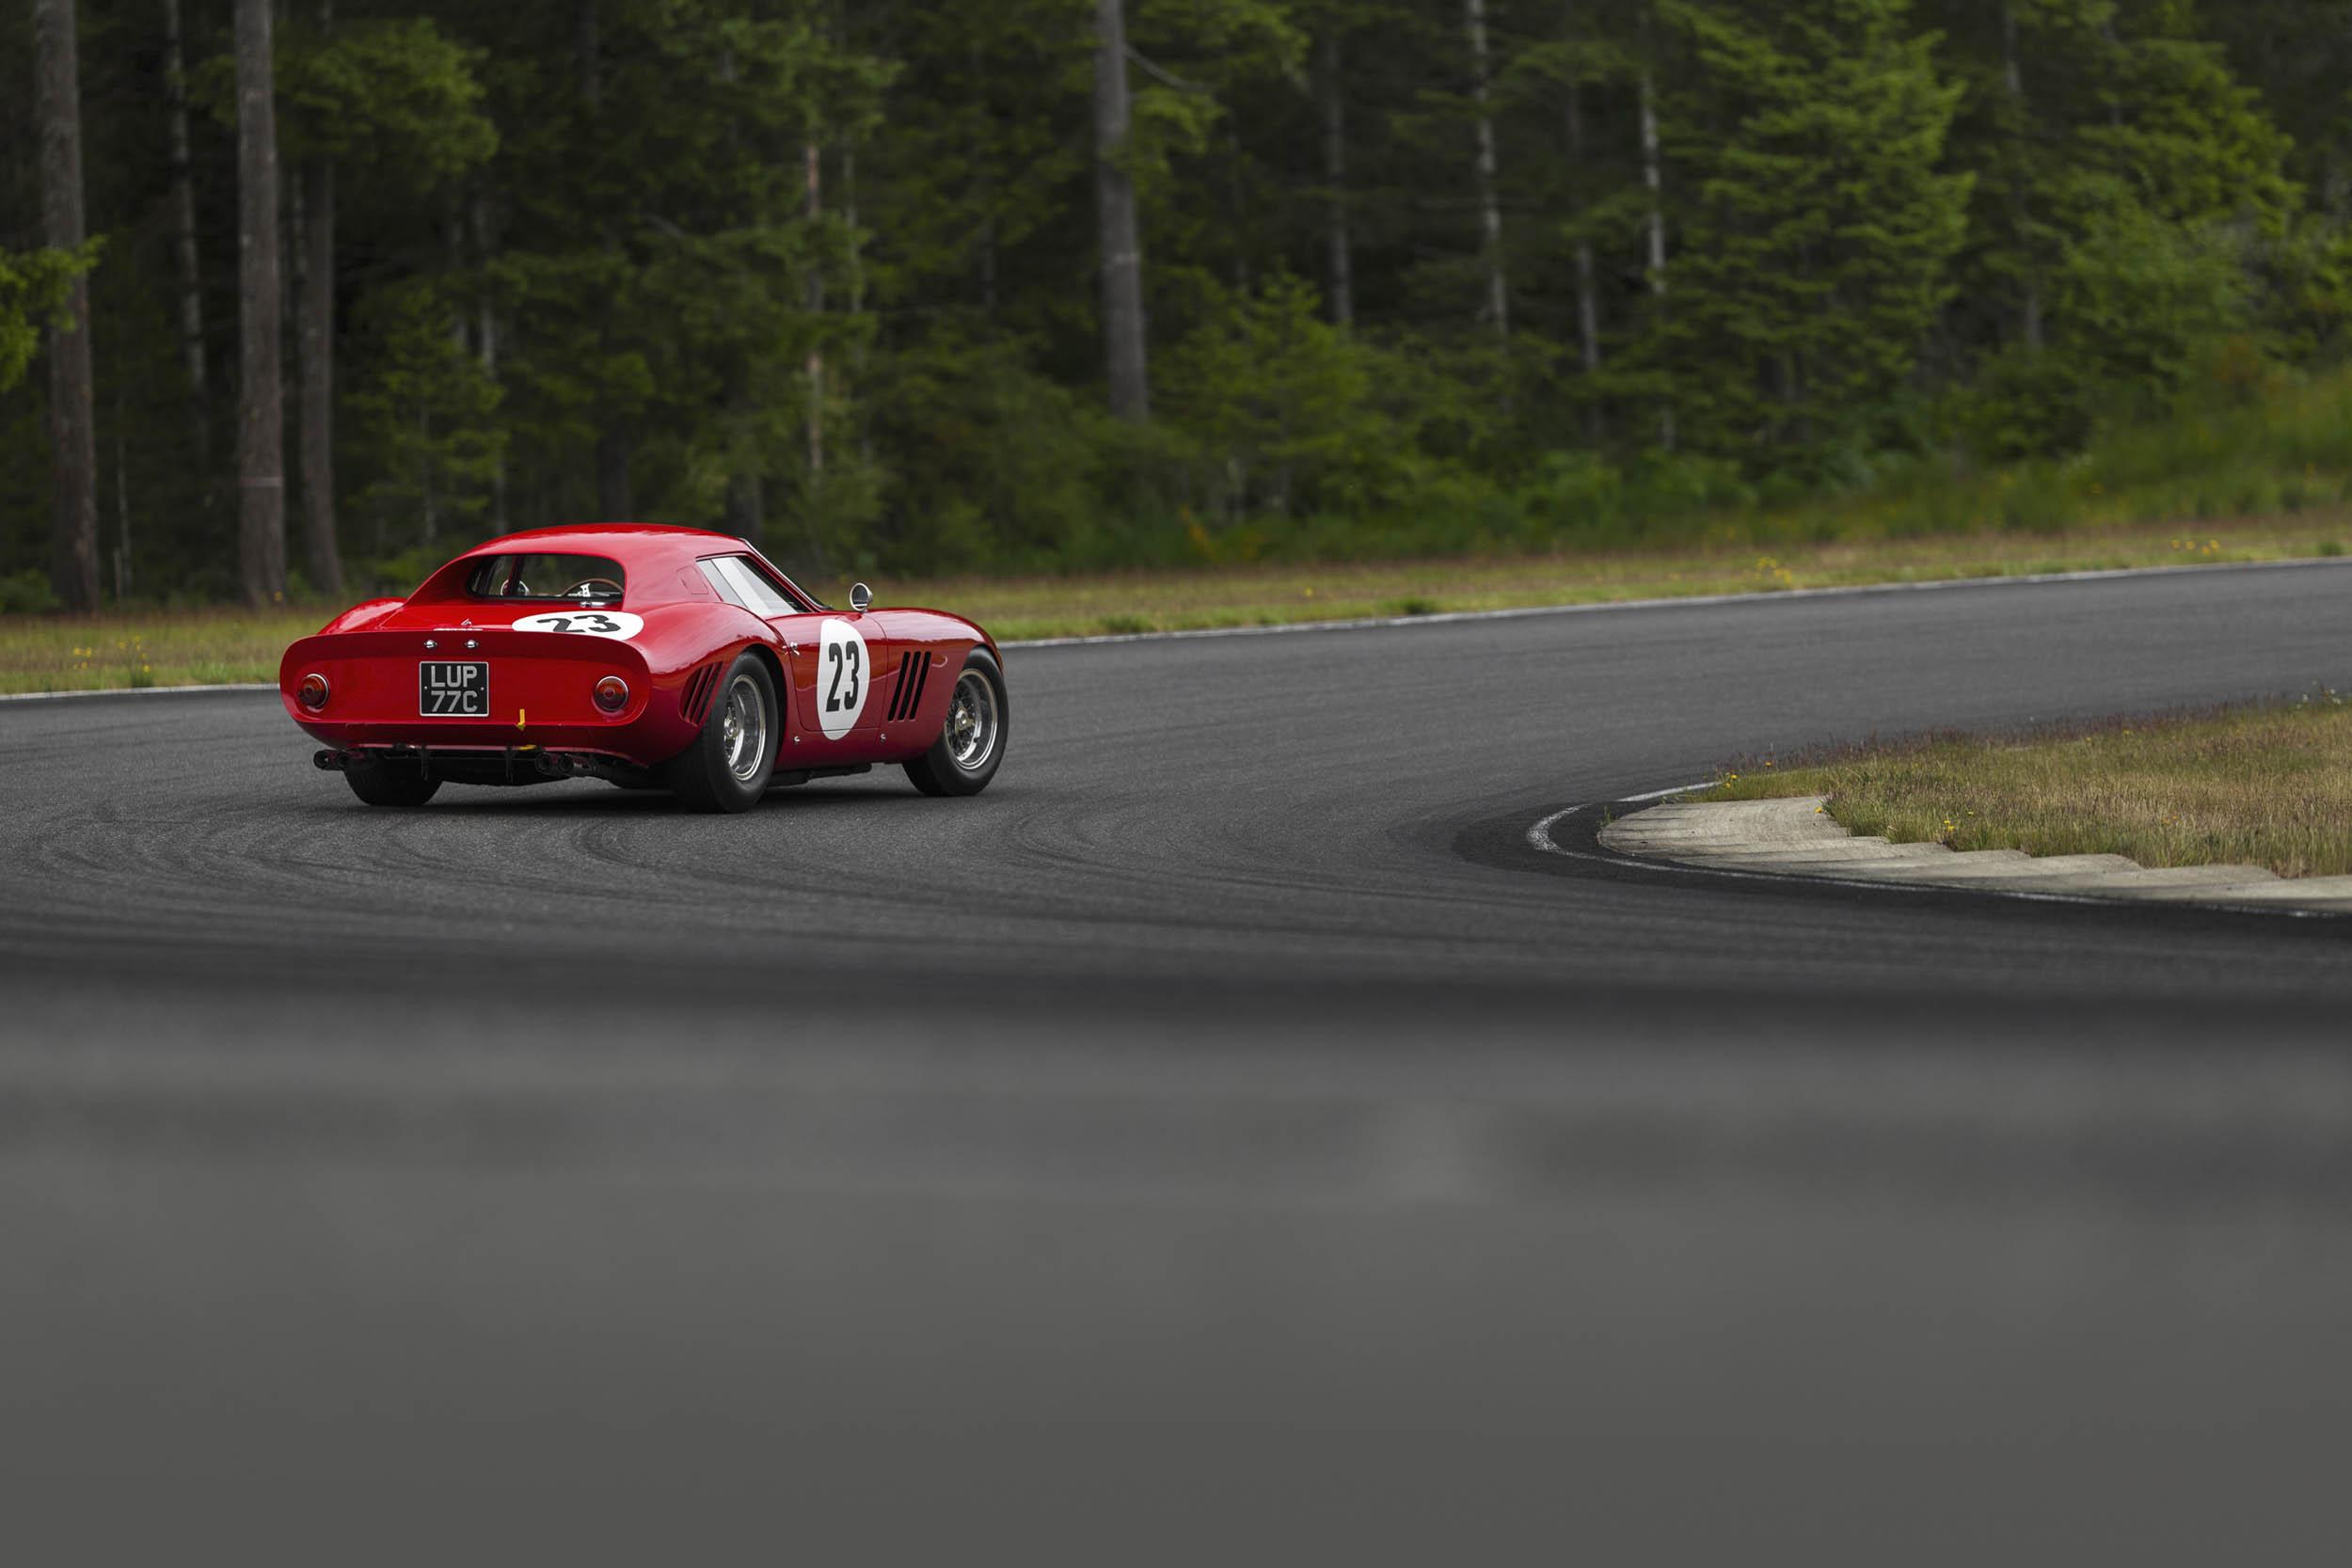 1962 Ferrari 250 GTO turning corner